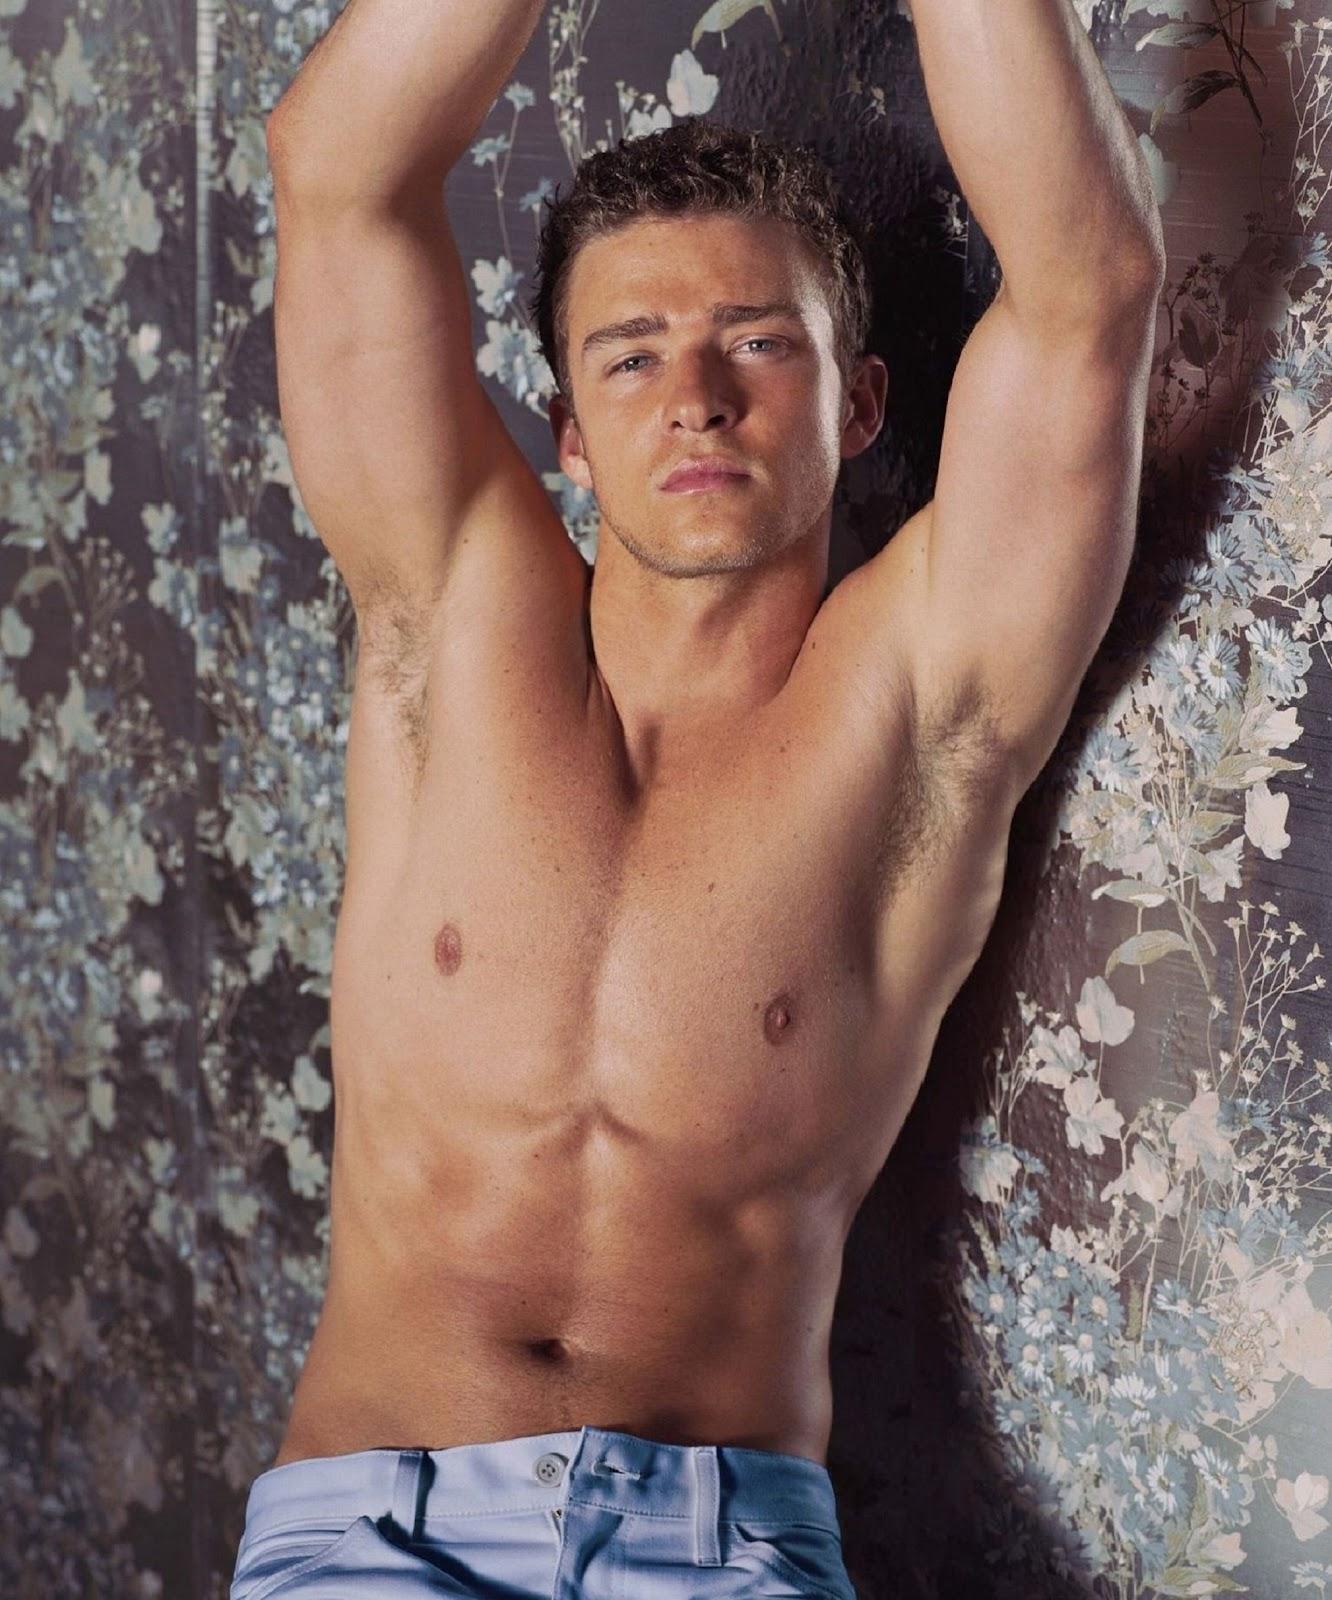 Hot Handsome Justin Timberlake, Posing Shirtless, Wearing